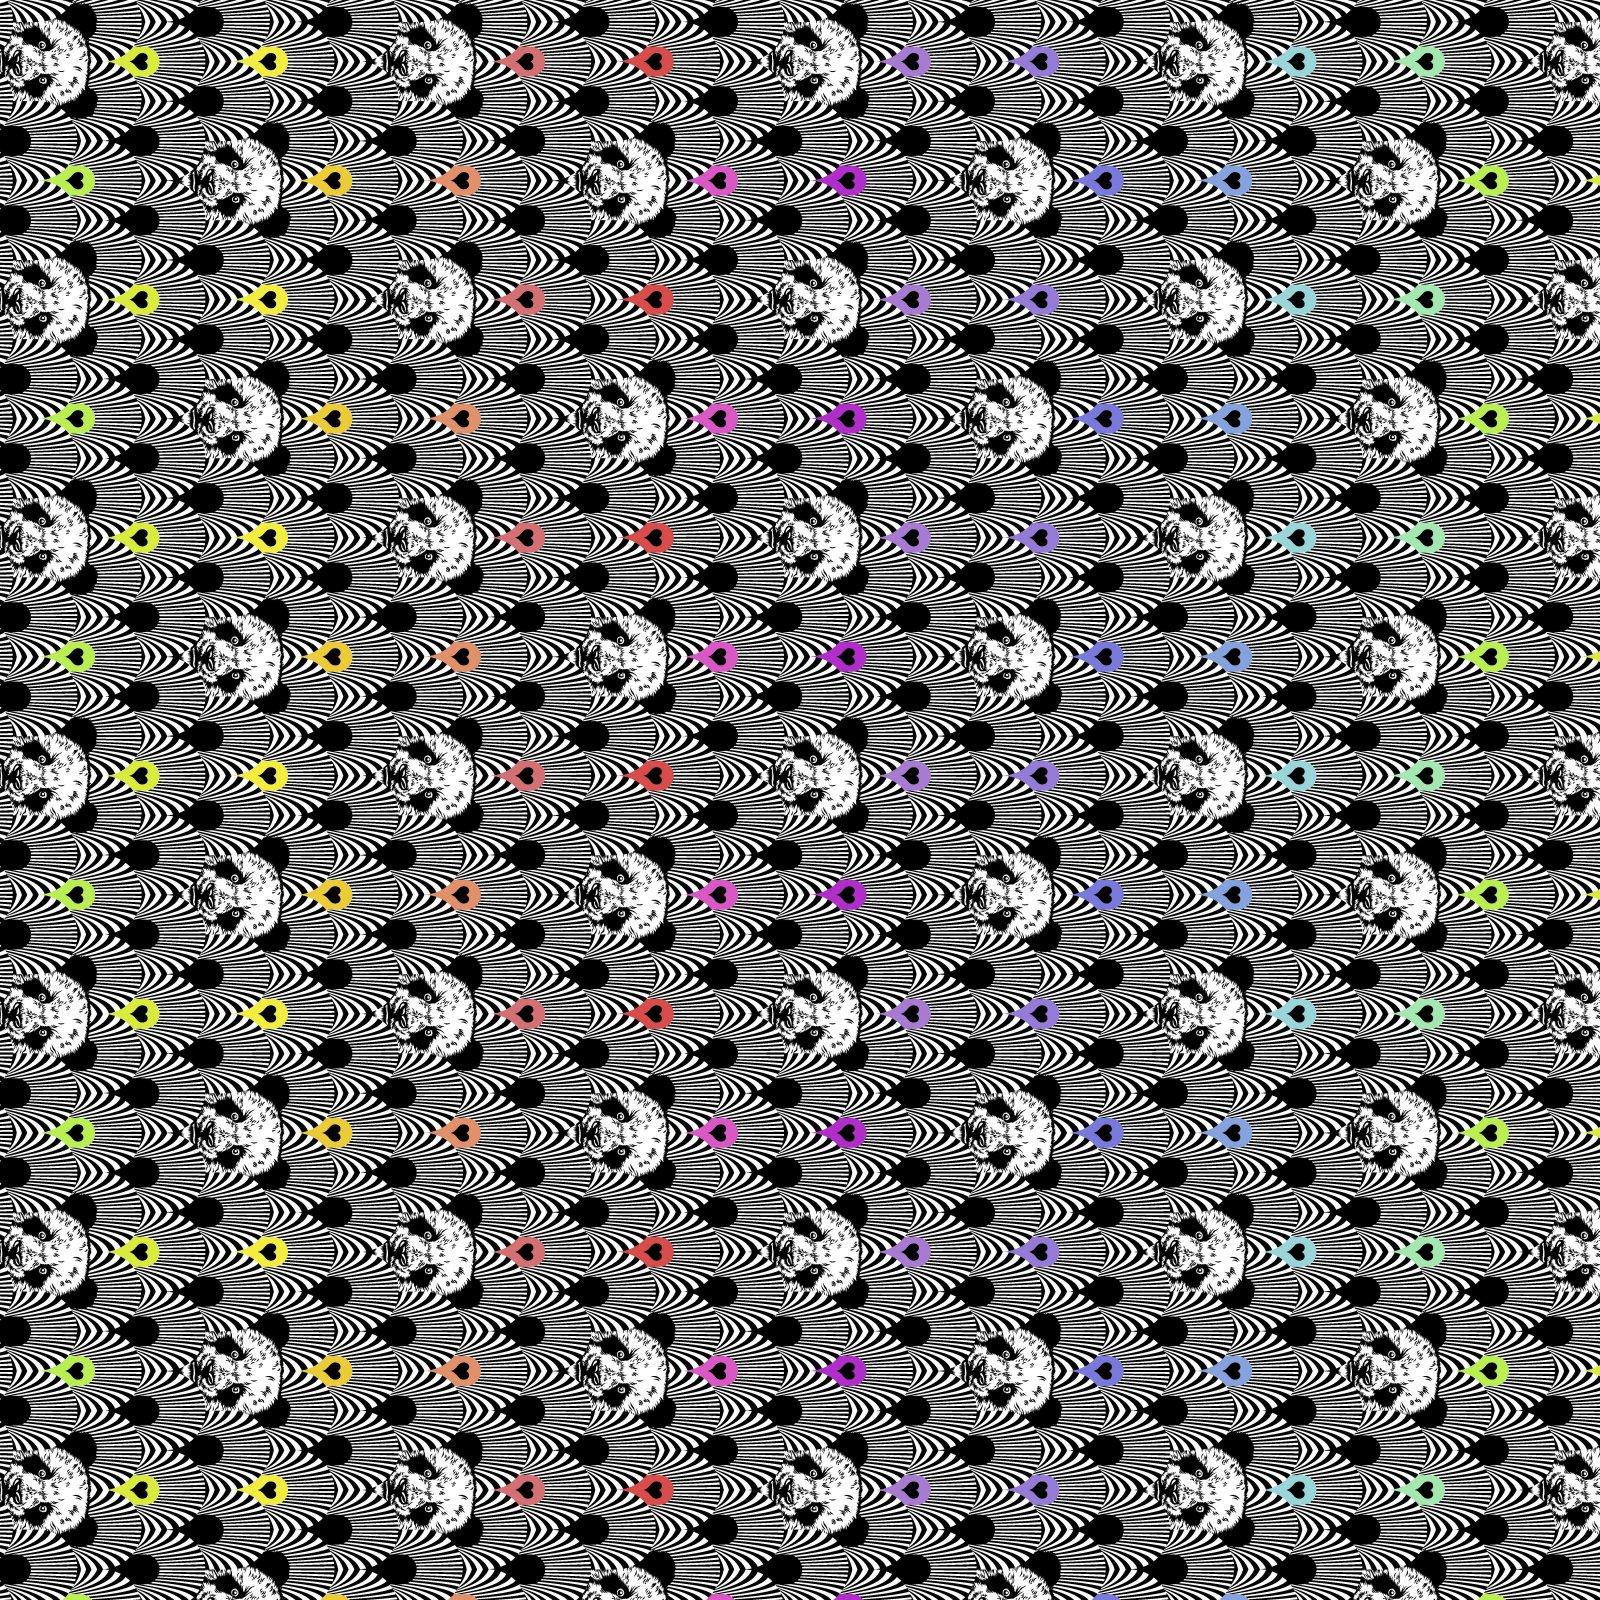 Free Spirit - Tula Pink - Linework - Pandamonium in Ink - *PRE-ORDER